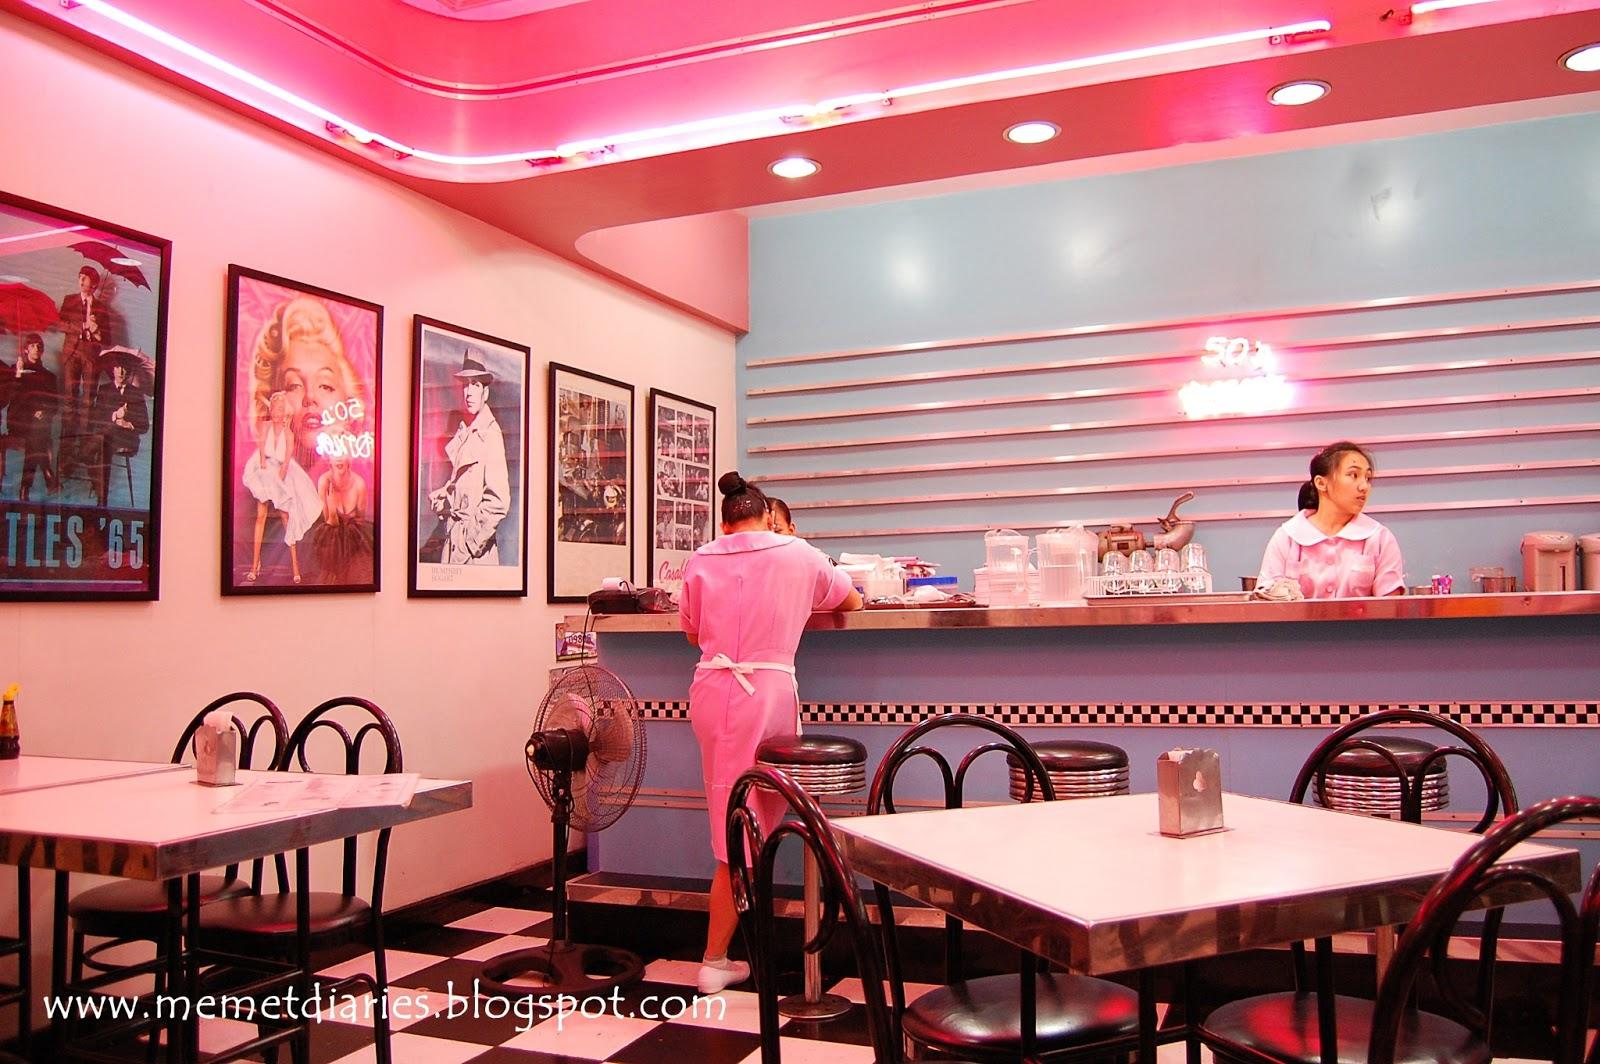 1000 images about diner lighting on pinterest 50s diner for Diner artwork